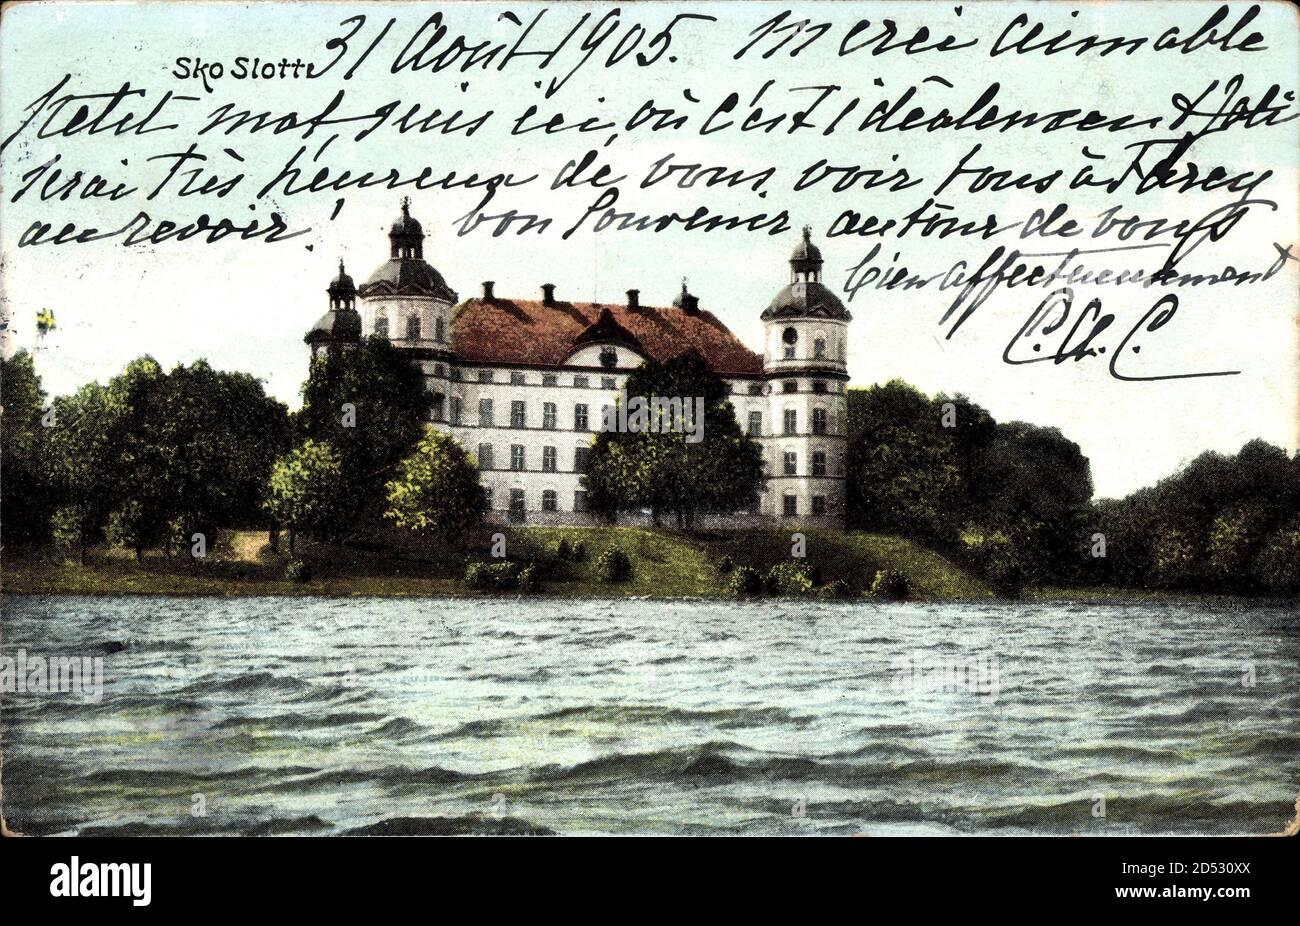 Skokloster Schweden, Blick auf das Schloss über Gewässer hinweg, Fassade   utilizzo in tutto il mondo Foto Stock